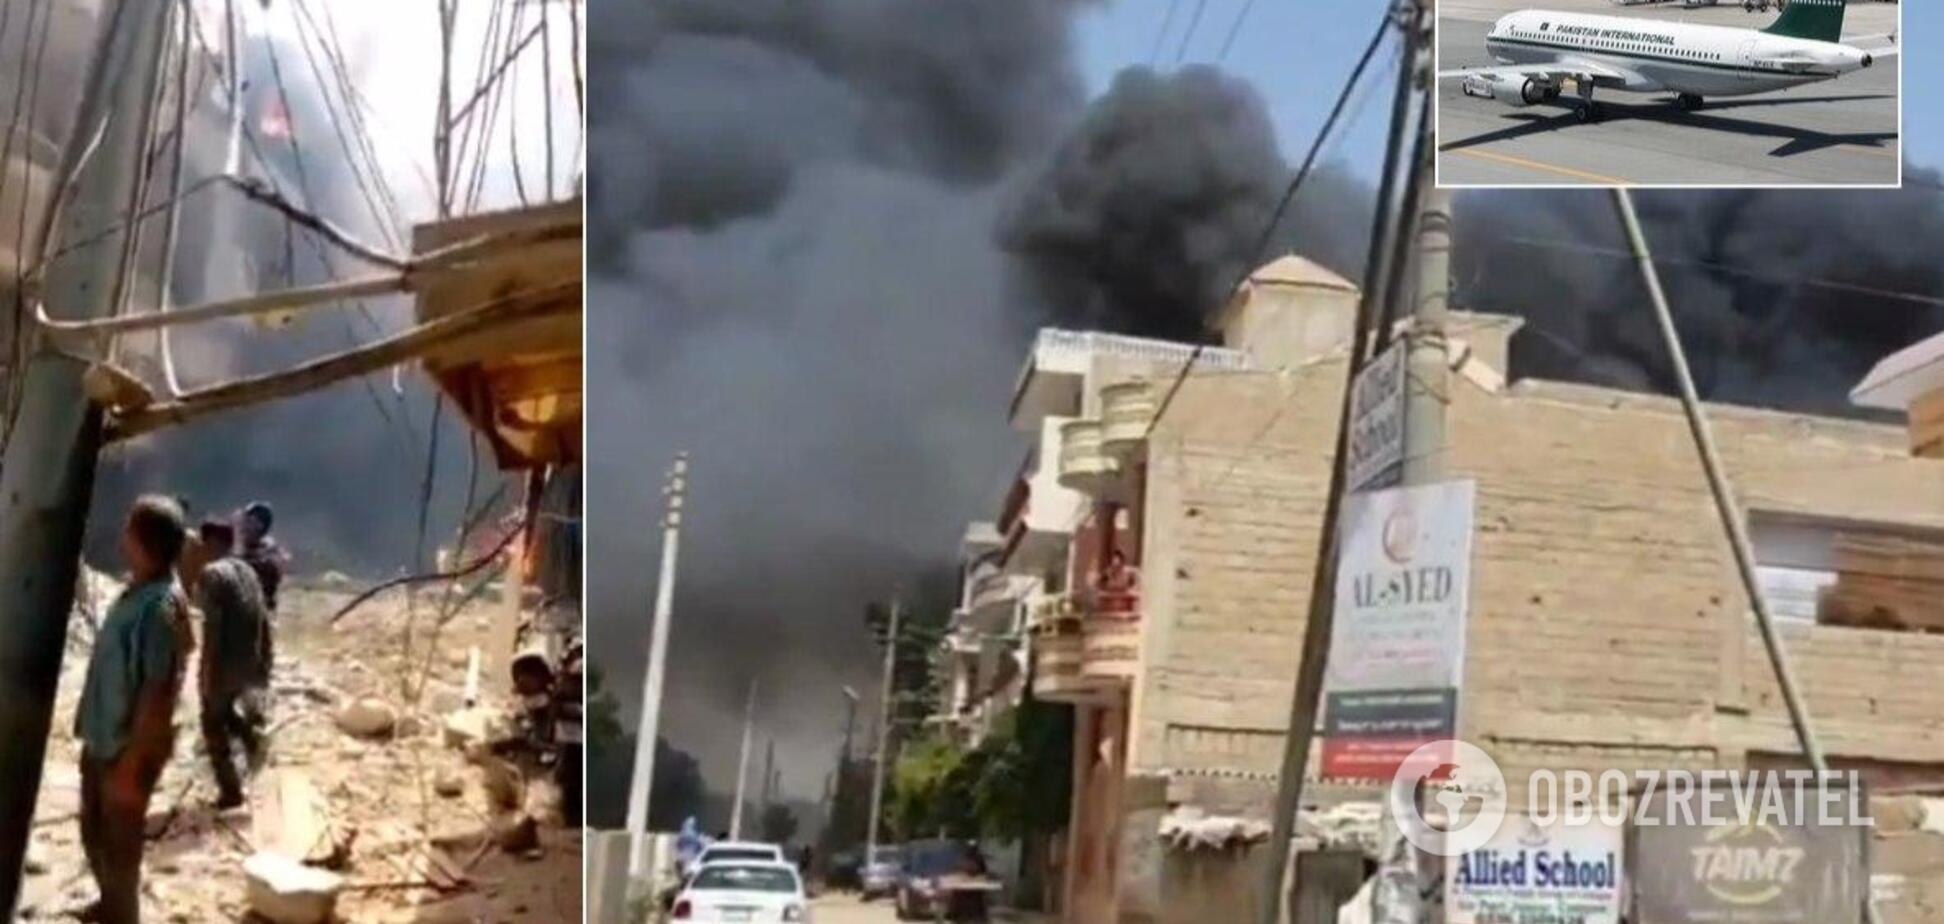 У Пакистані літак розбився в житловому кварталі: загинули понад 100 осіб. Фото й відео